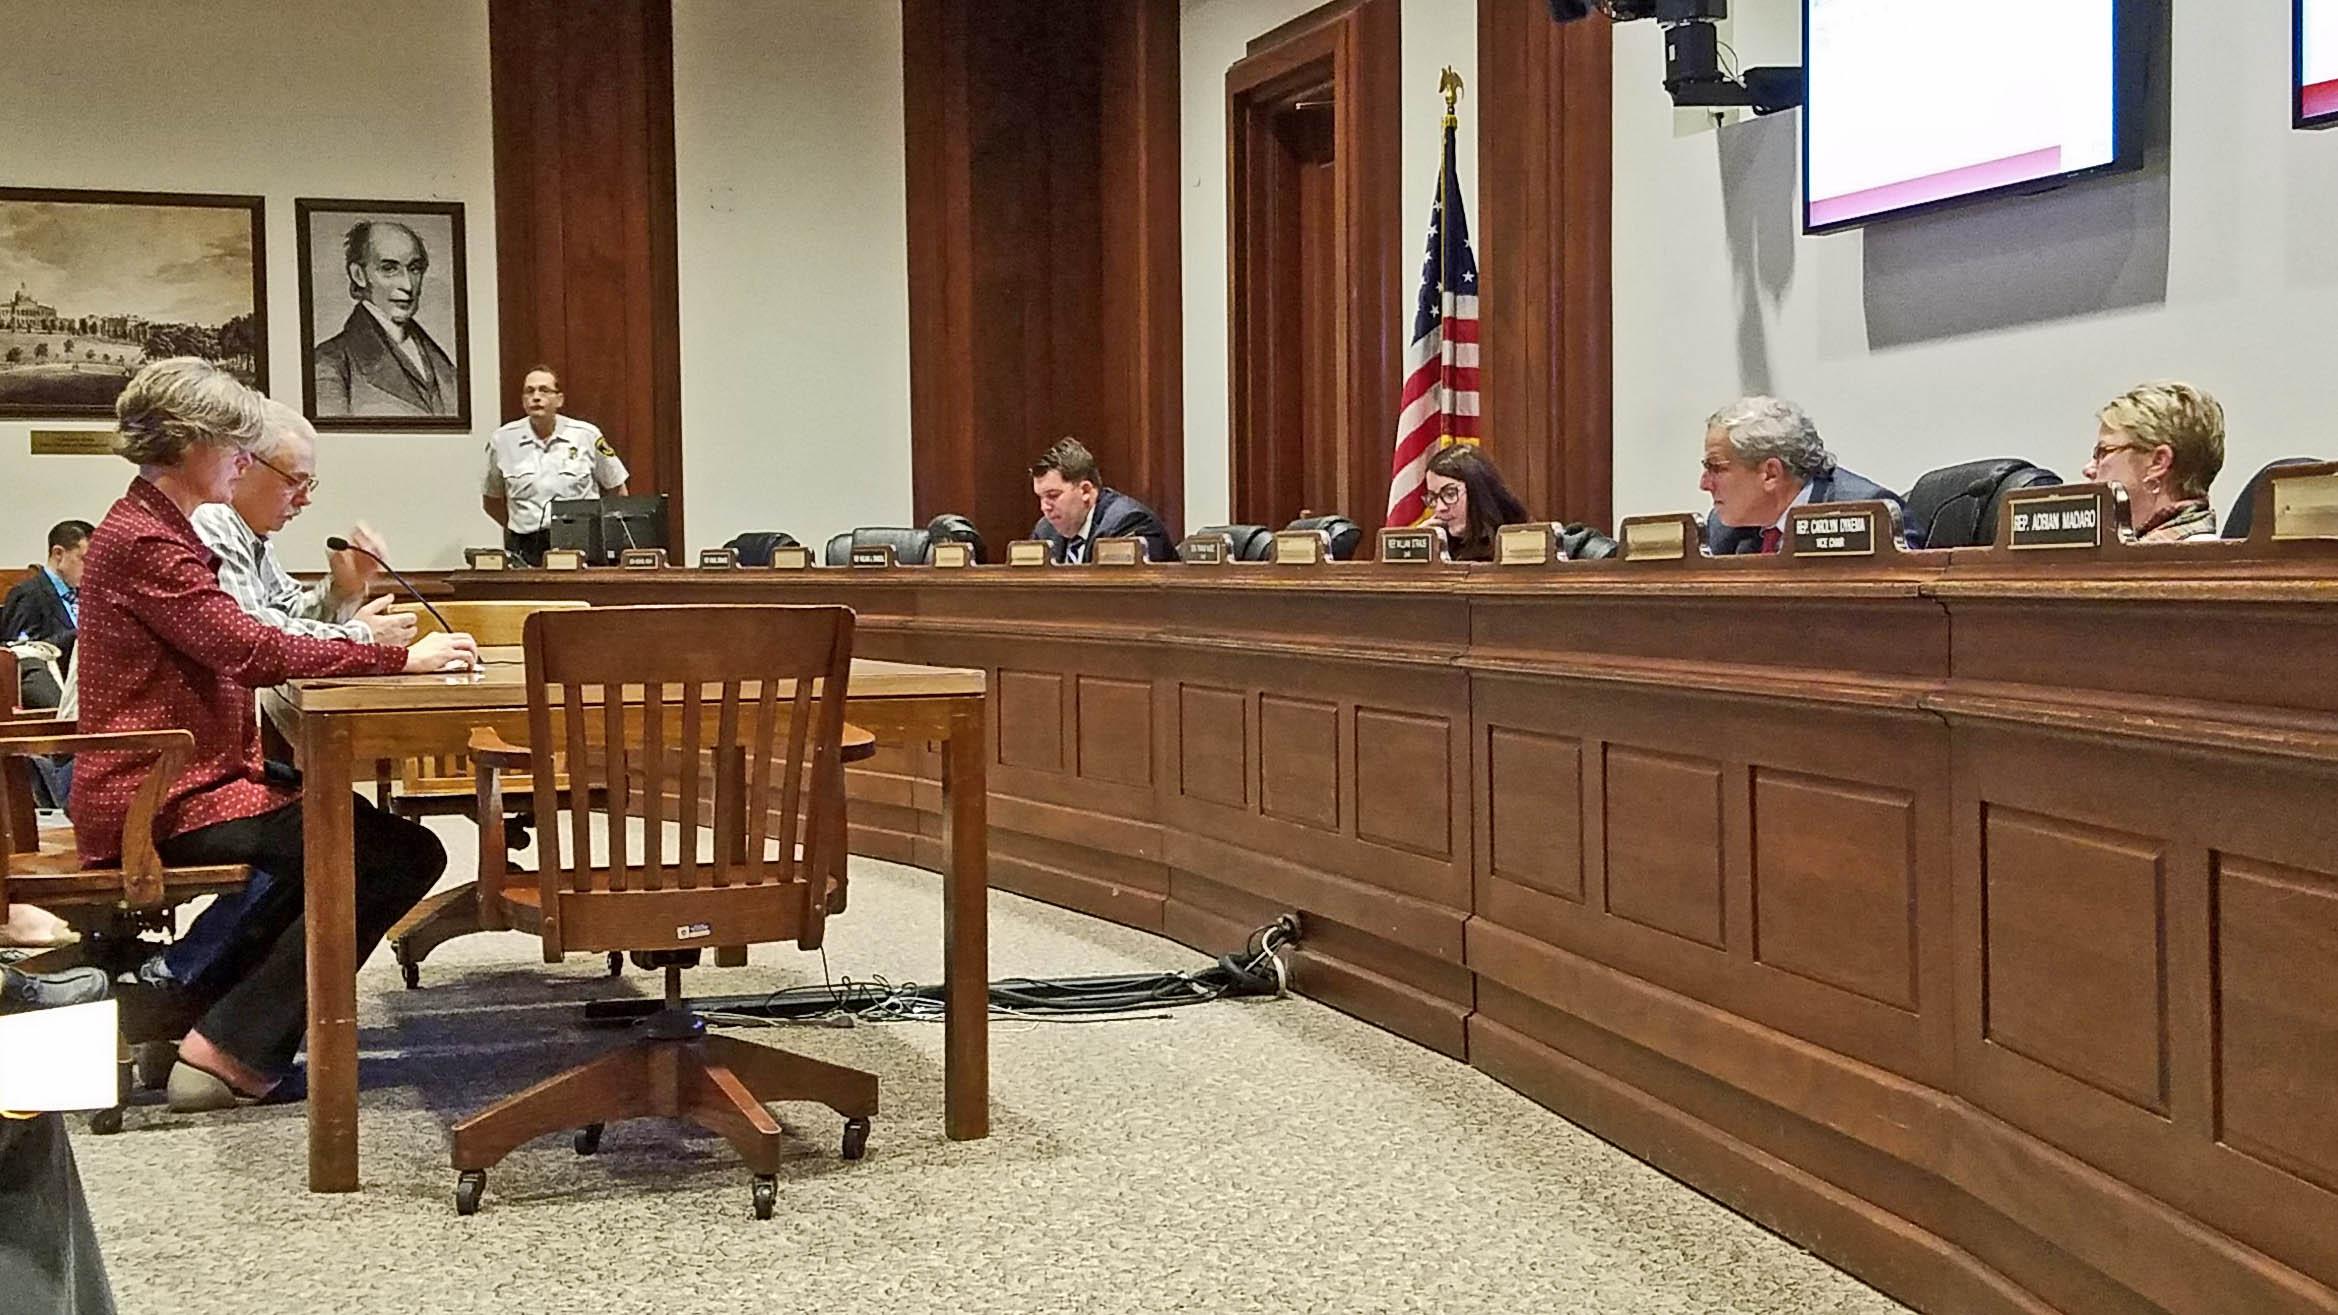 2017 Dec 6 JTC Hearing S-2149 Street Rod Bill - VIN